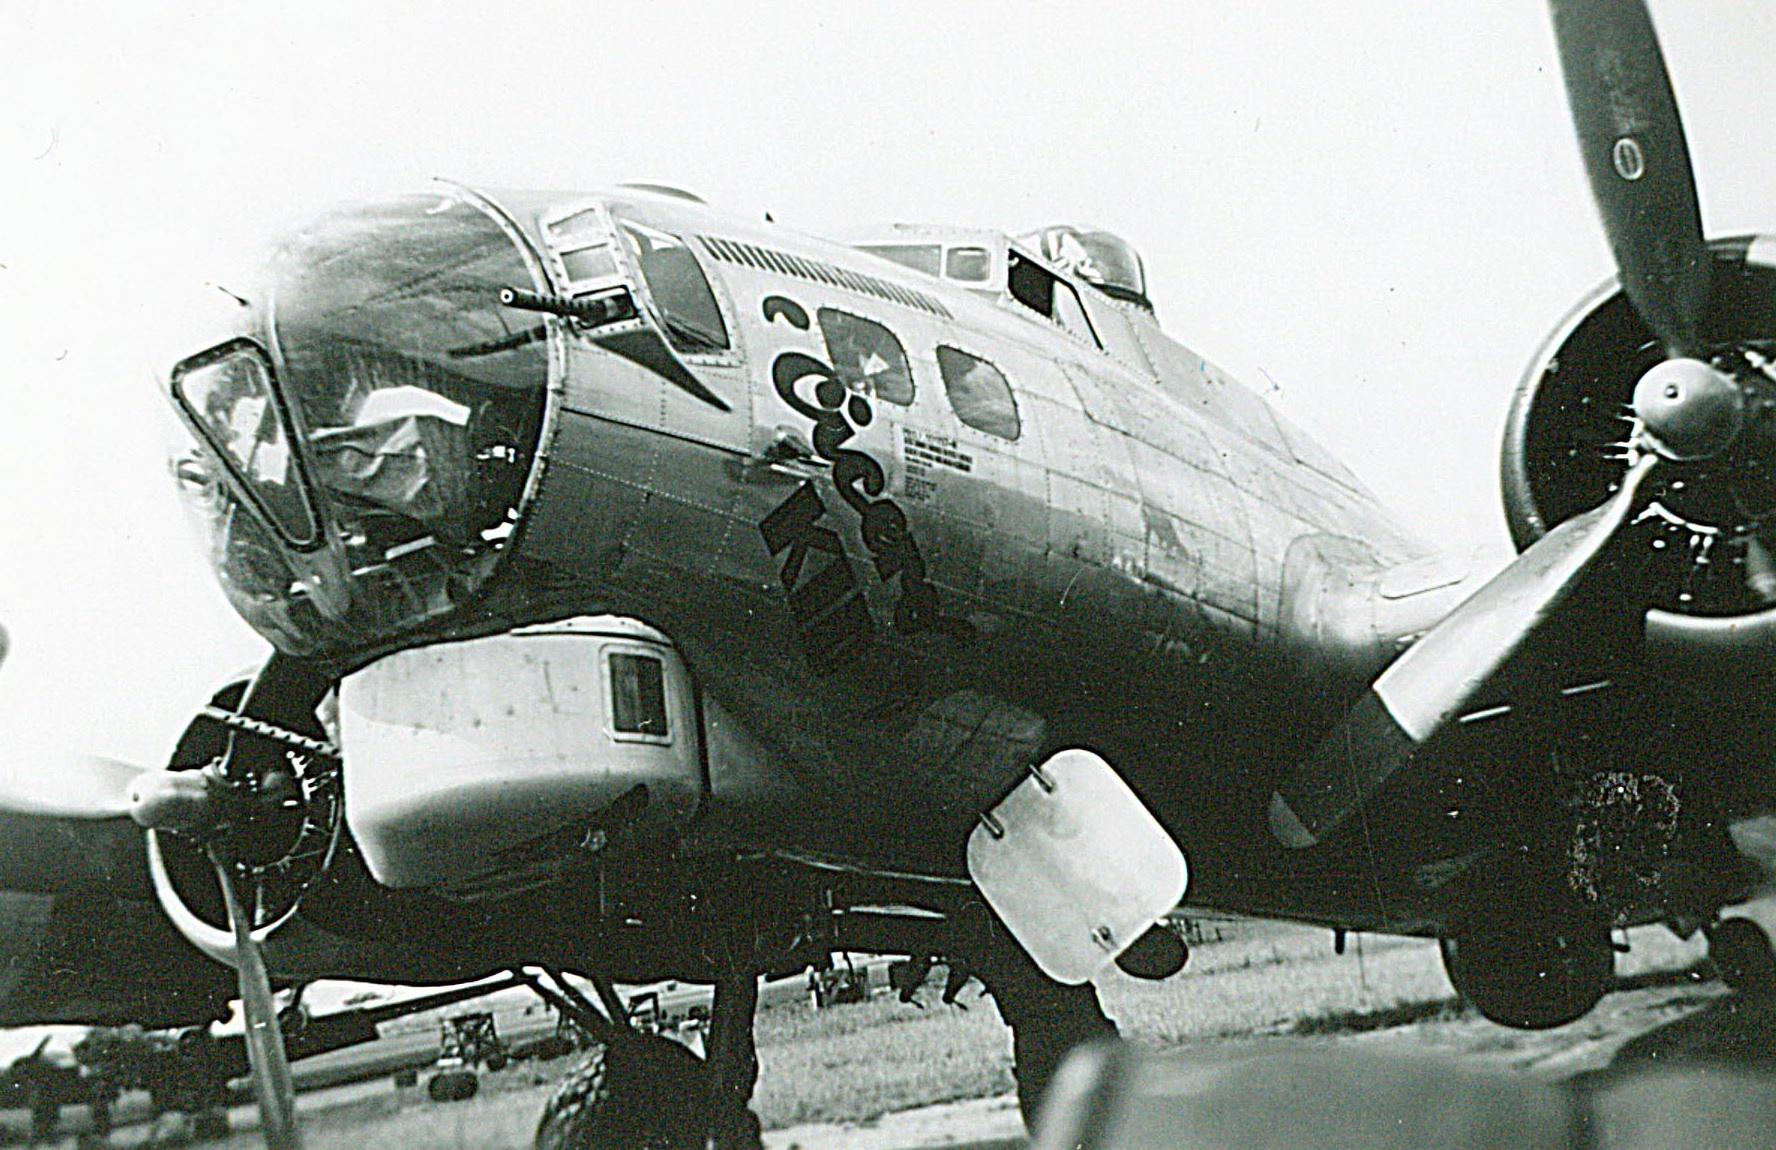 B-17 #44-6102 / Cicero Kid